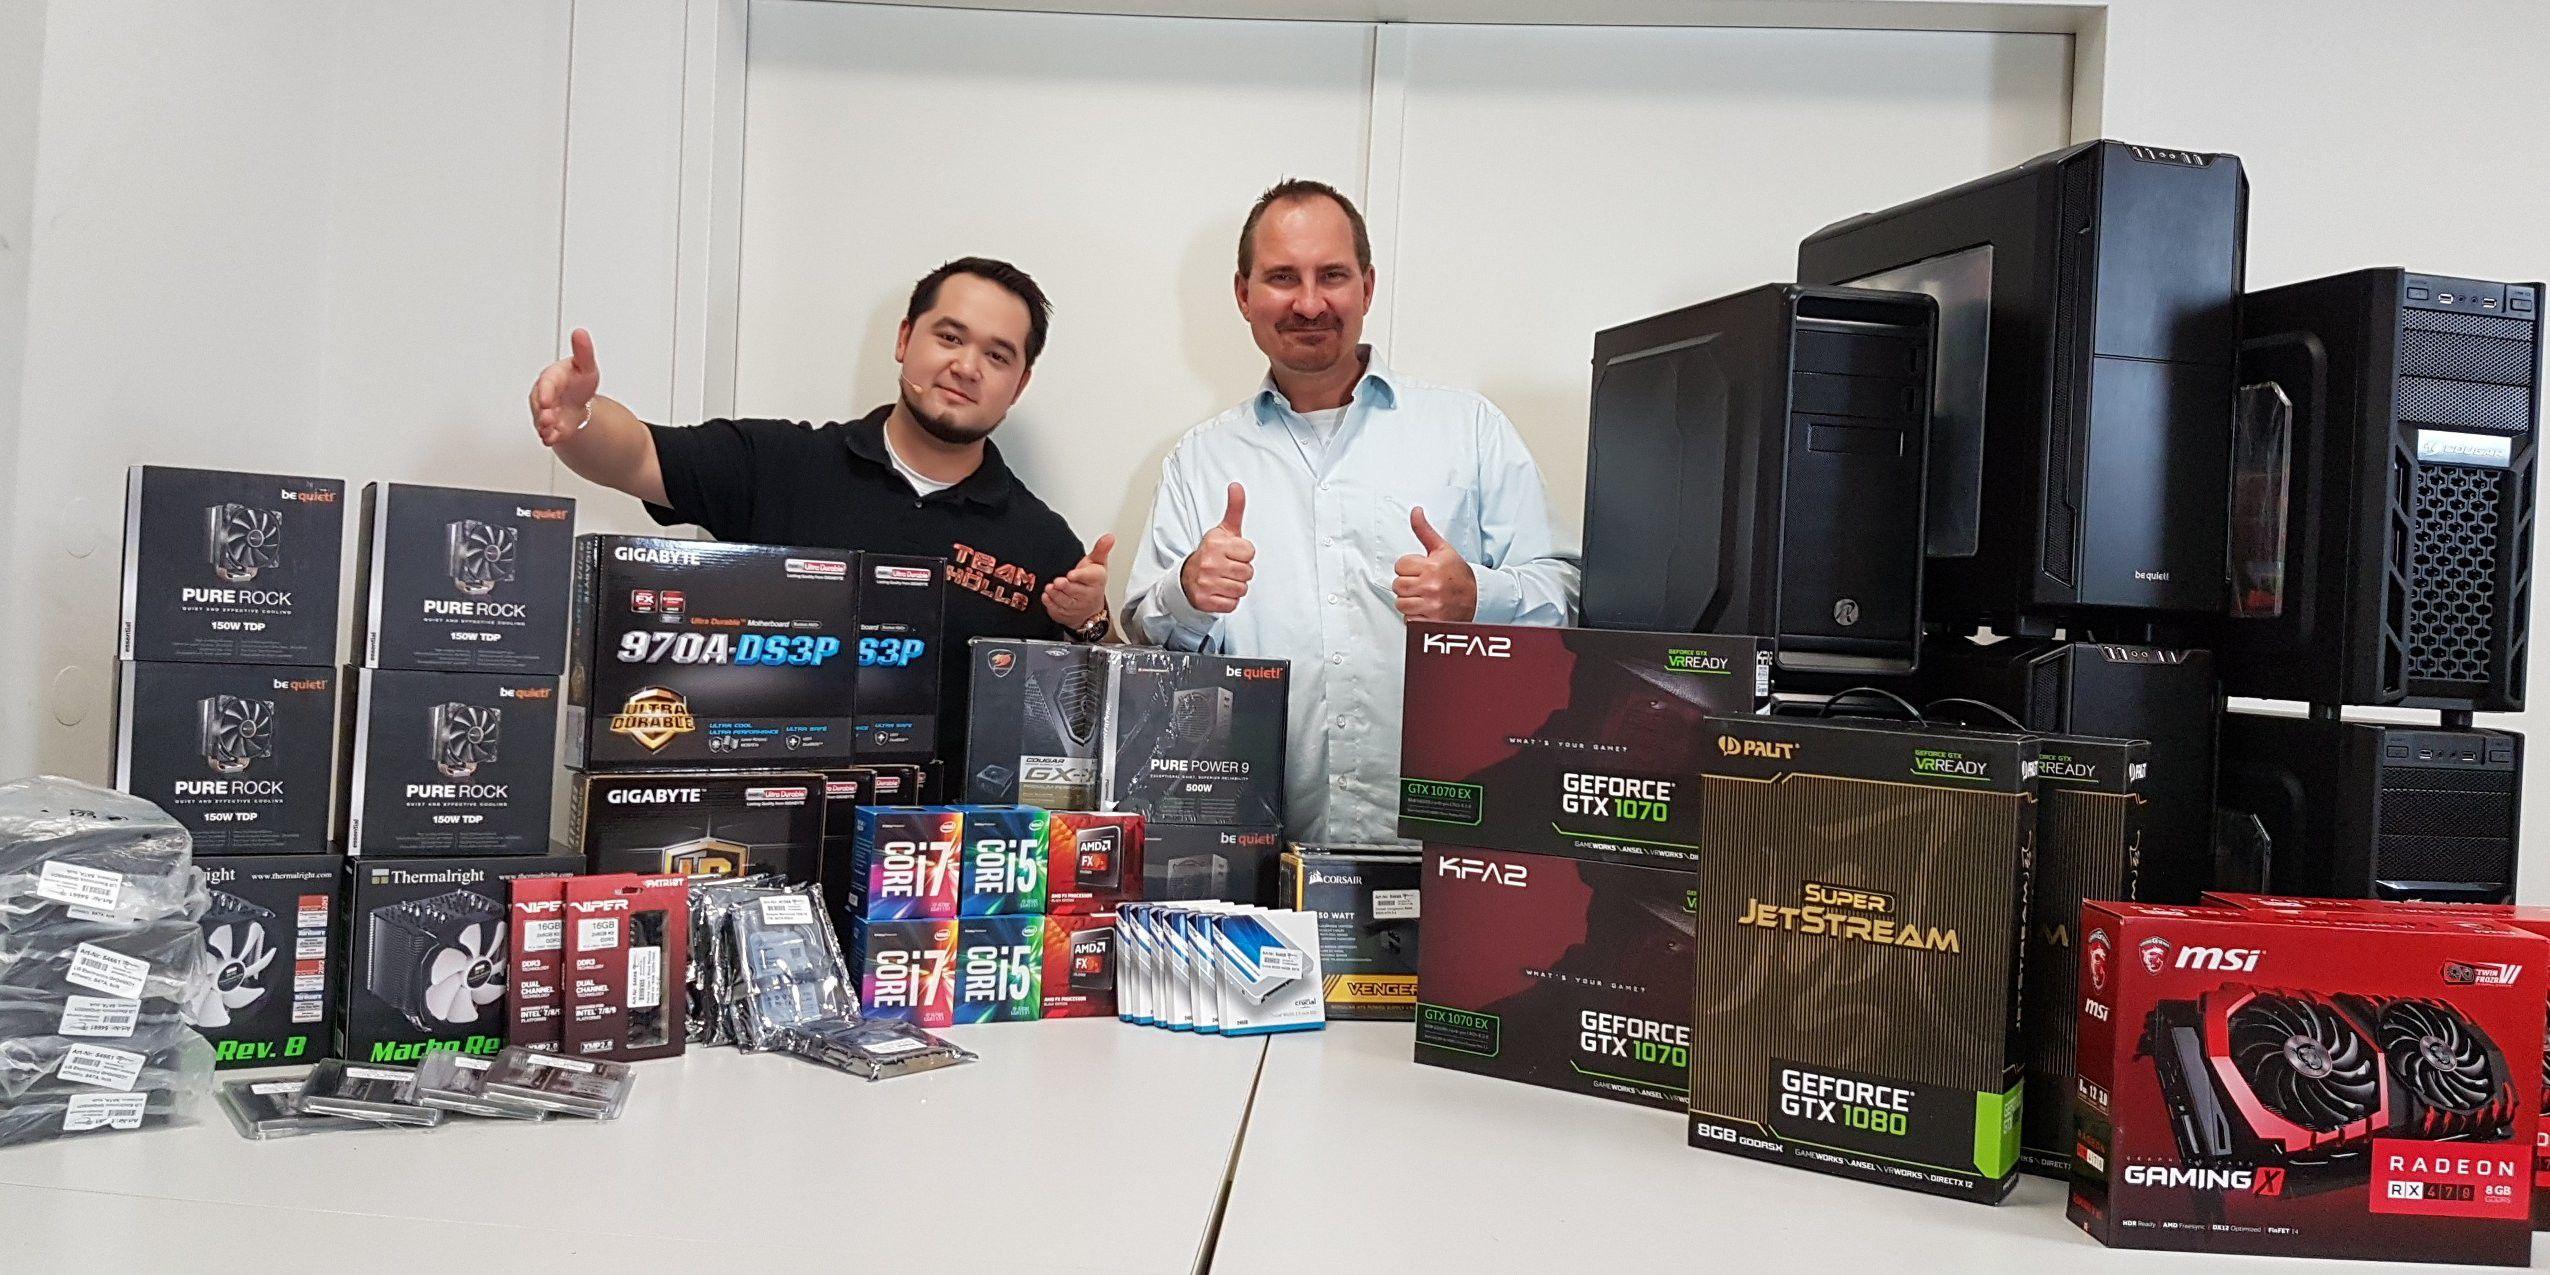 7000 euro gewinnspiel gaming pcs f r 800 1000 und 1500. Black Bedroom Furniture Sets. Home Design Ideas